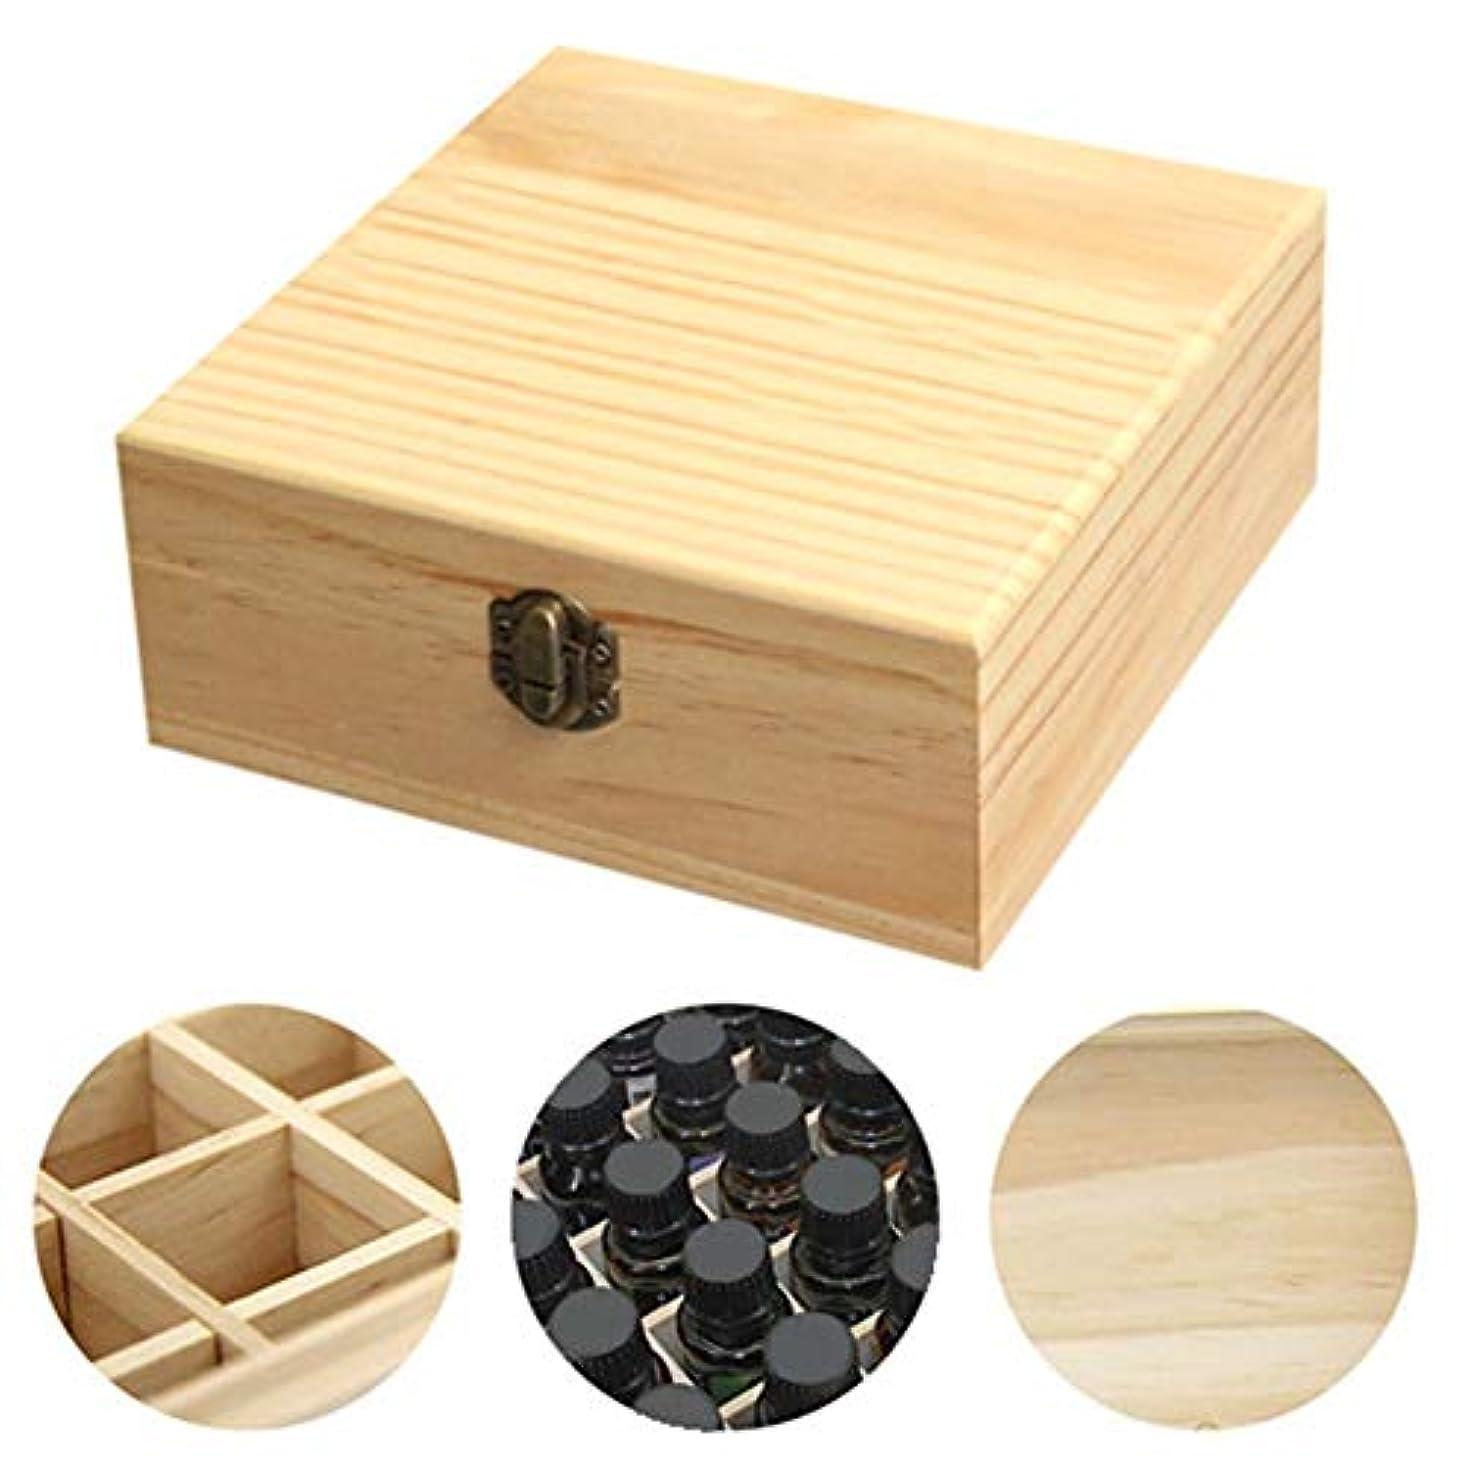 プラグ磨かれた事実clouday エッセンシャルオイル収納ボックス 自然木製 エッセンシャルオイルオイル 収納 ボックス 香水収納ケース アロマオイル収納ボックス 25本用 approving